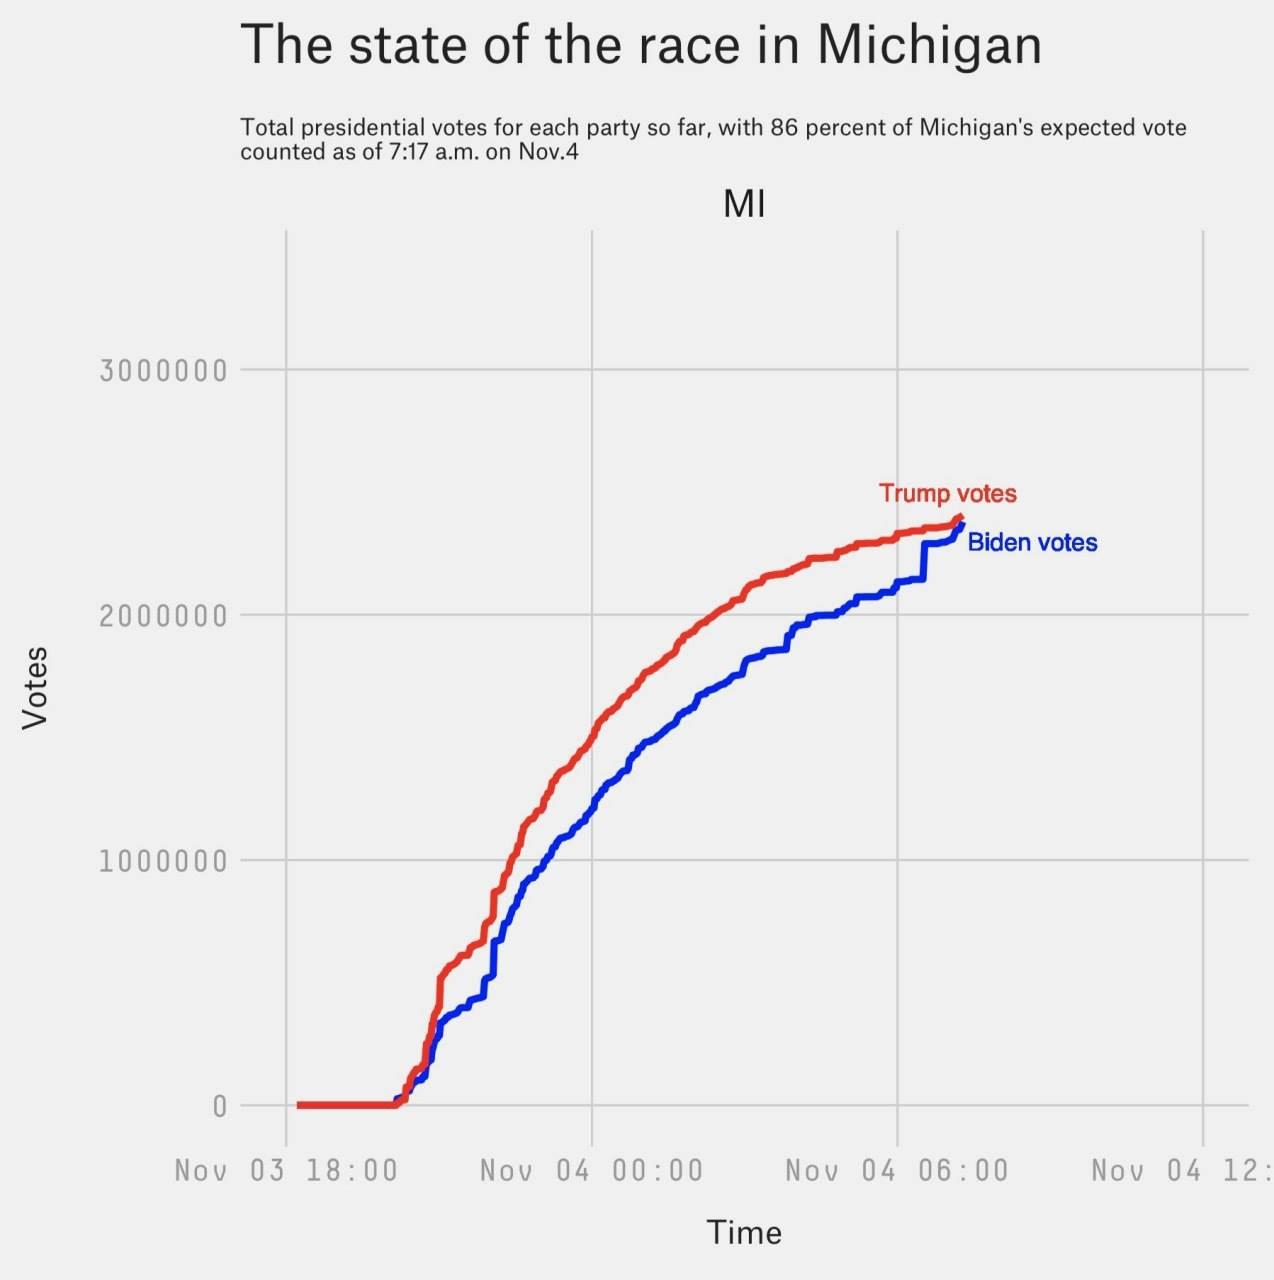 Hầu hết phiếu bầu được kiểm đếm sau khi dừng lại đột ngột đều là phiếu bầu cho Biden? Liệu đây có phải là một sự trùng hợp kỳ lạ? (Nguồn: @EvanAKilgore)